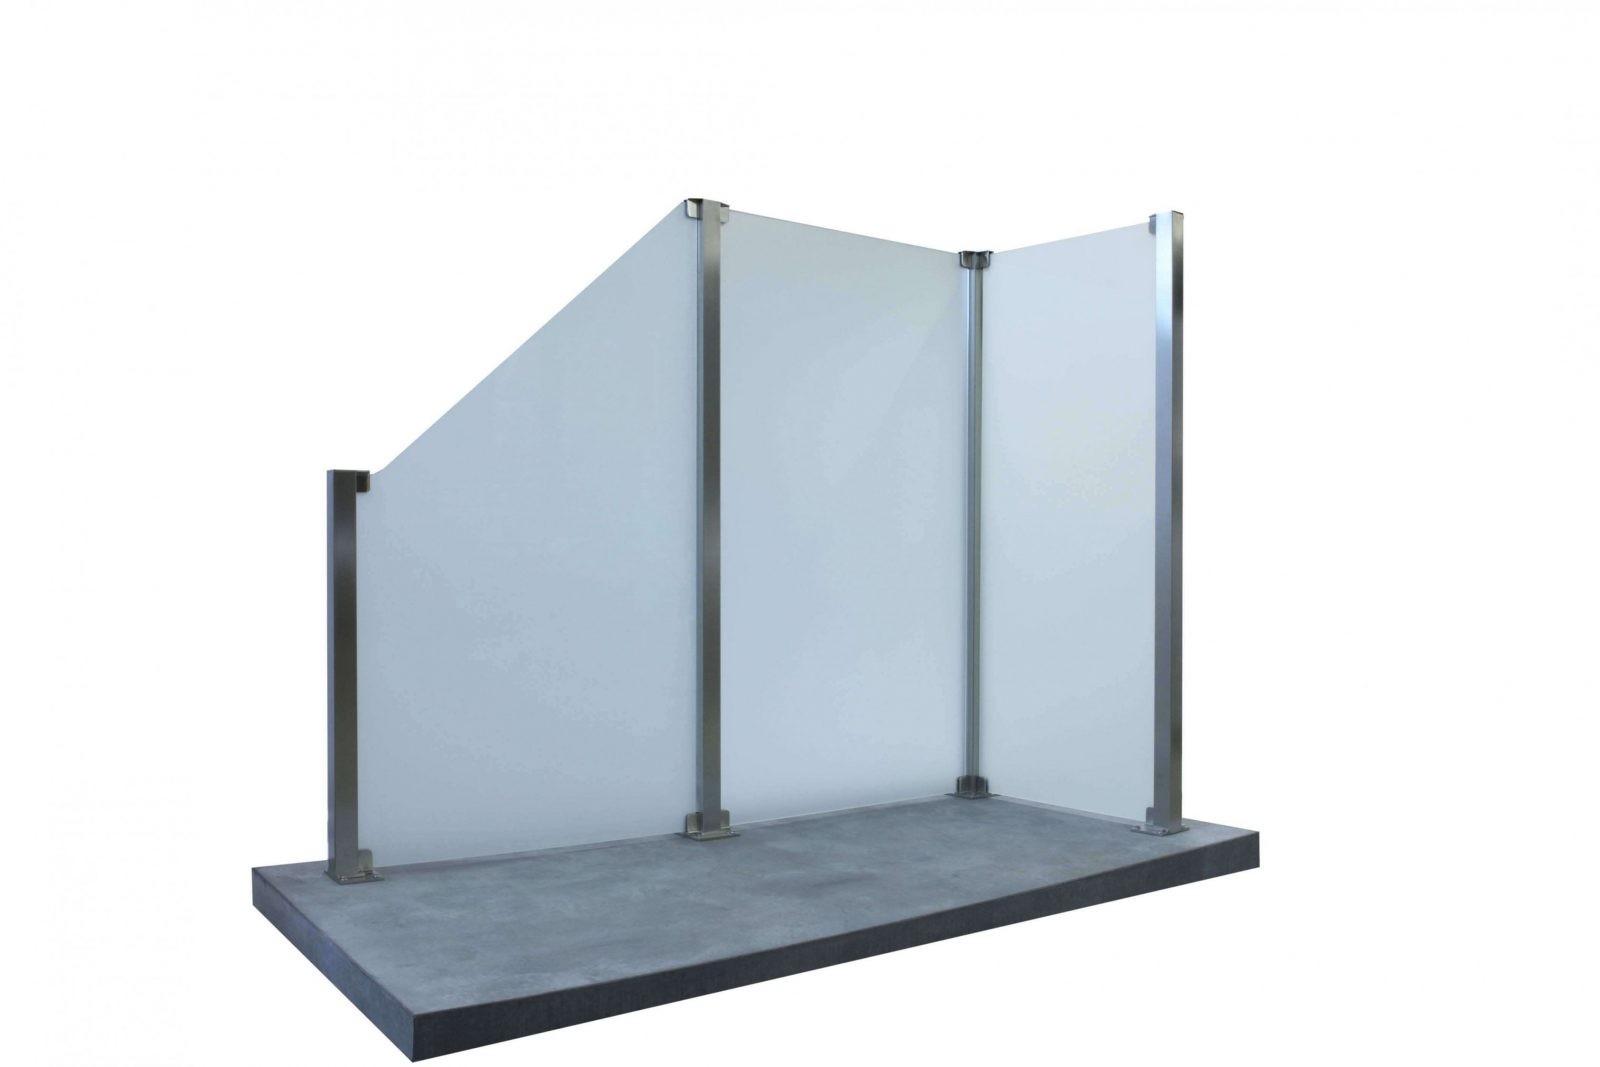 Windschutz Für Balkon Ohne Bohren Inspiration Von Balkon Windschutz von Windschutz Für Balkon Ohne Bohren Bild